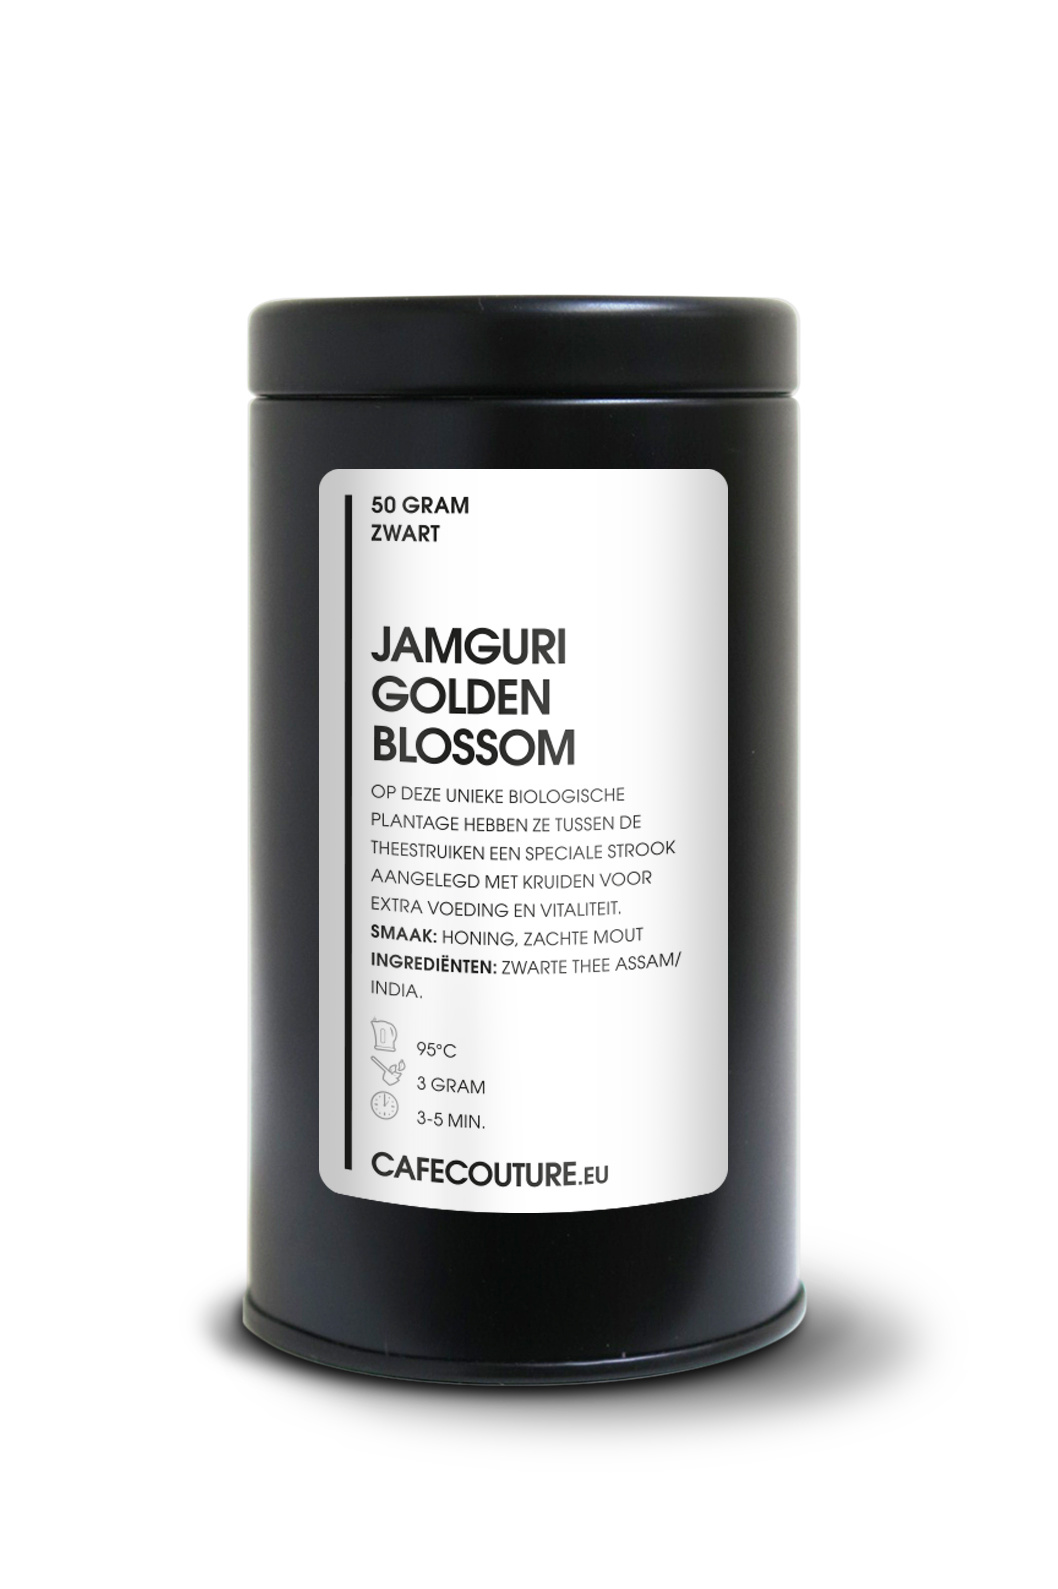 Jamguri